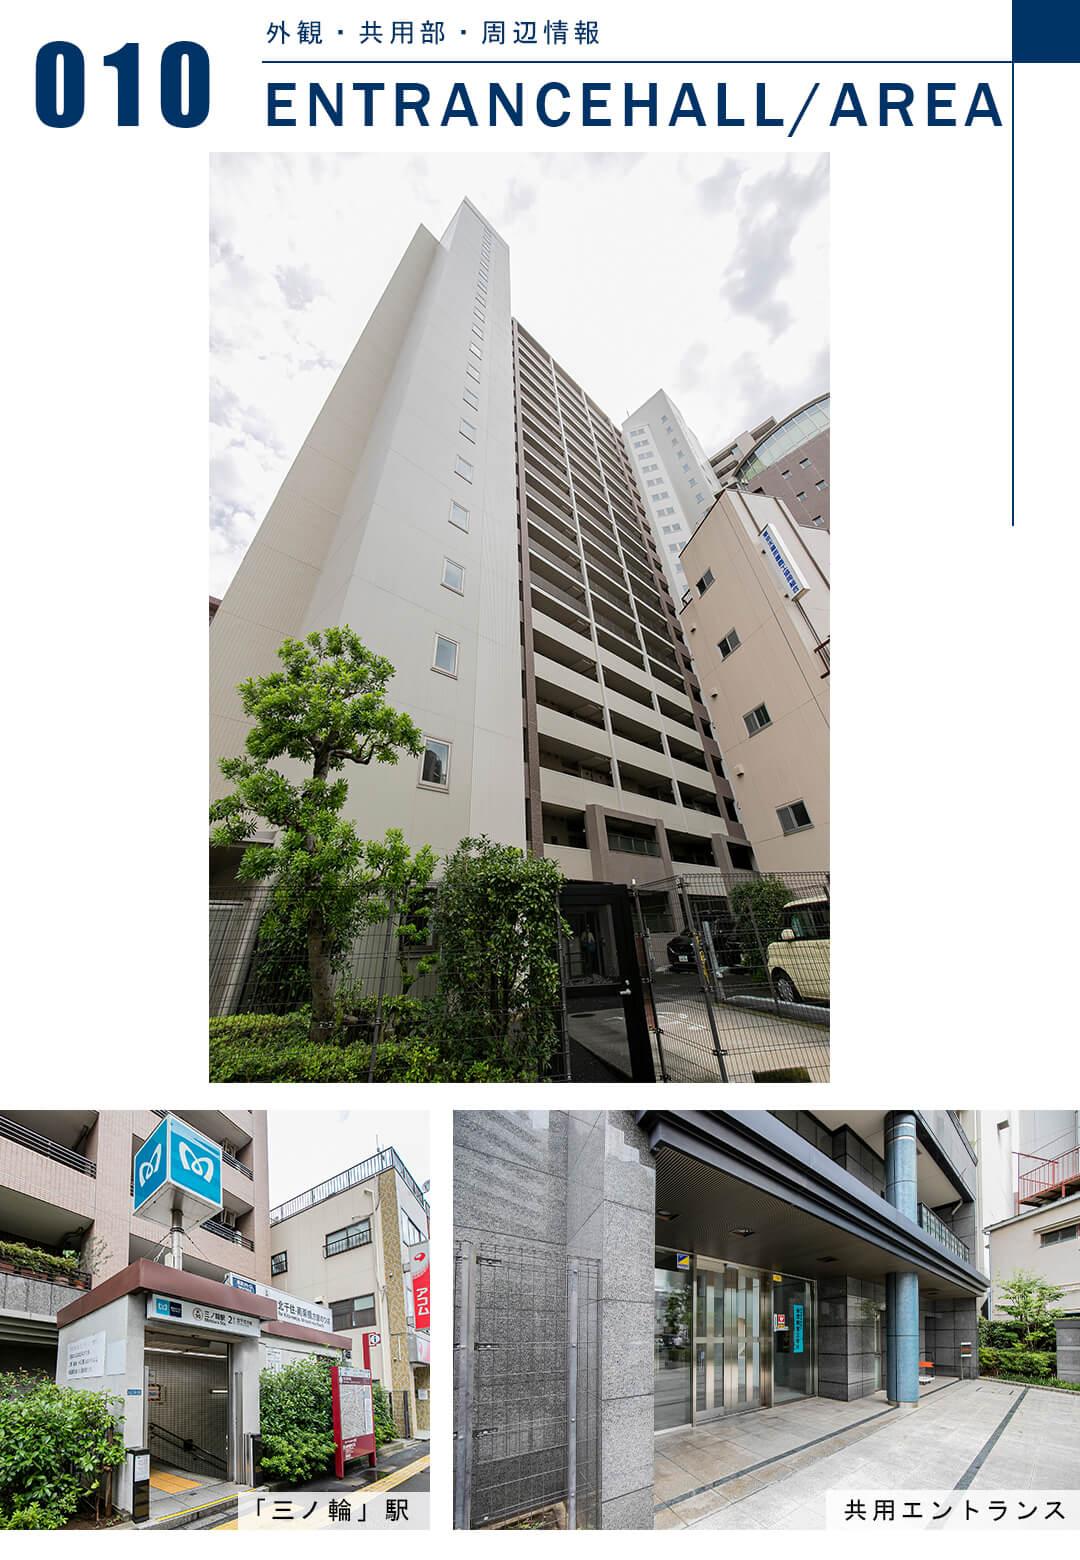 東京ビューマークスの外観と共用部と周辺情報